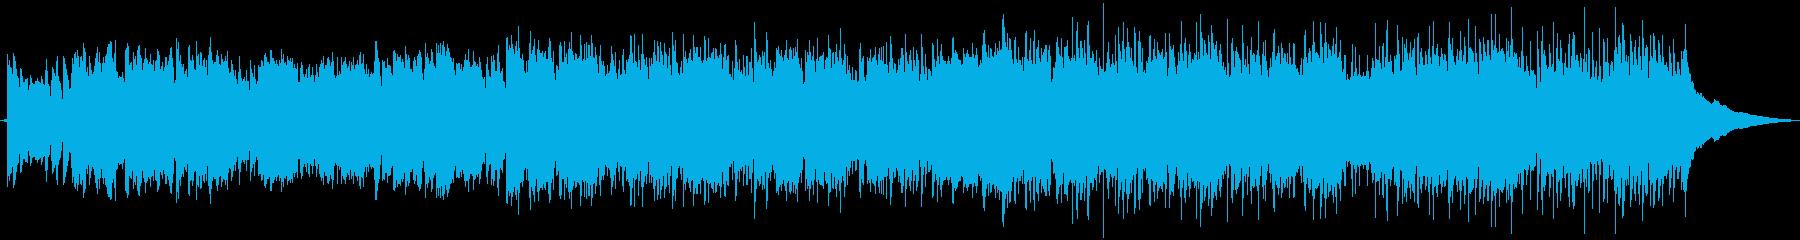 オープニング・哀愁・かっこいいフラメンコの再生済みの波形